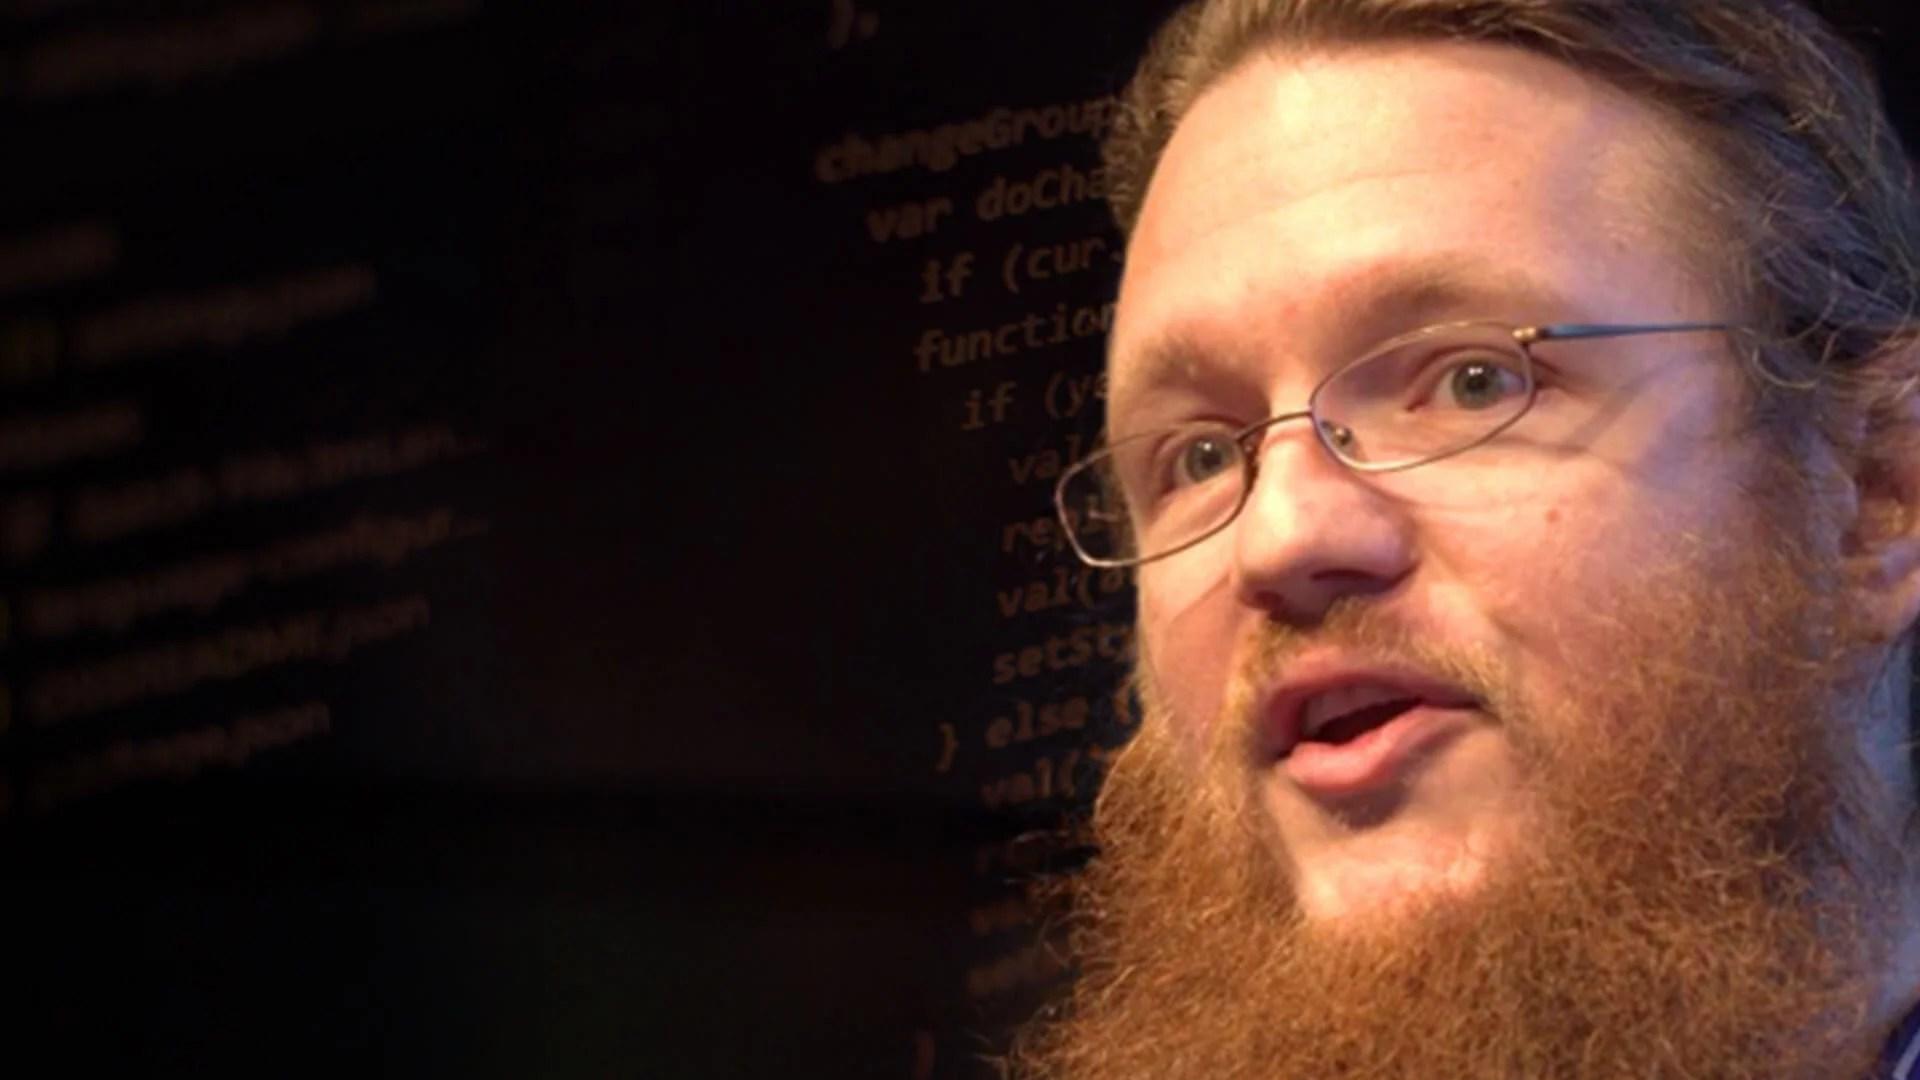 Gregory Maxwell desarrollador del Bitcoin piensa que la gente exagera con lo del ataque de 51%